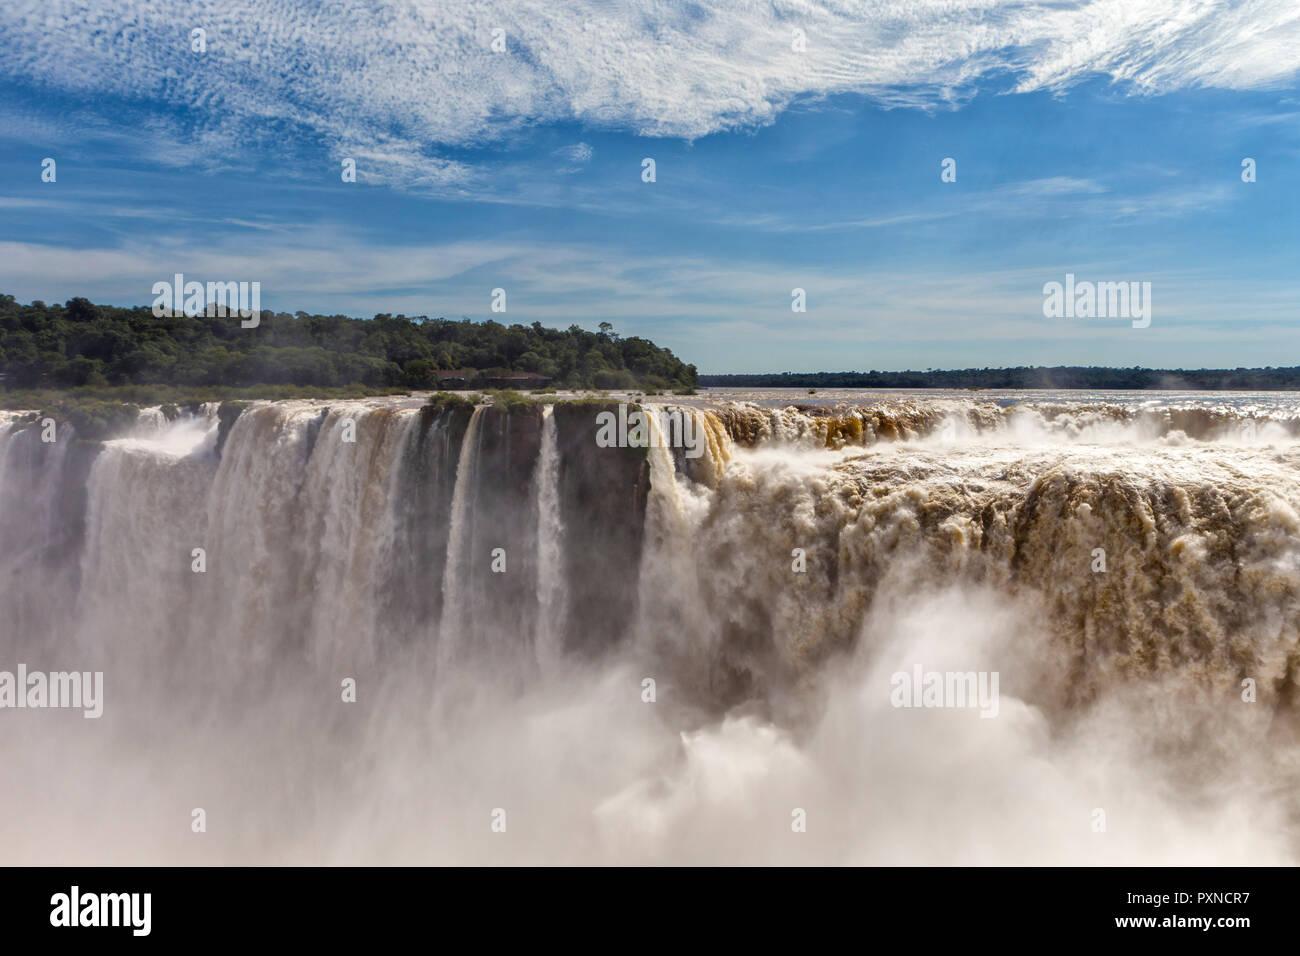 Iguazu Falls, Puerto Iguazu, Misiones, Argentina - Stock Image